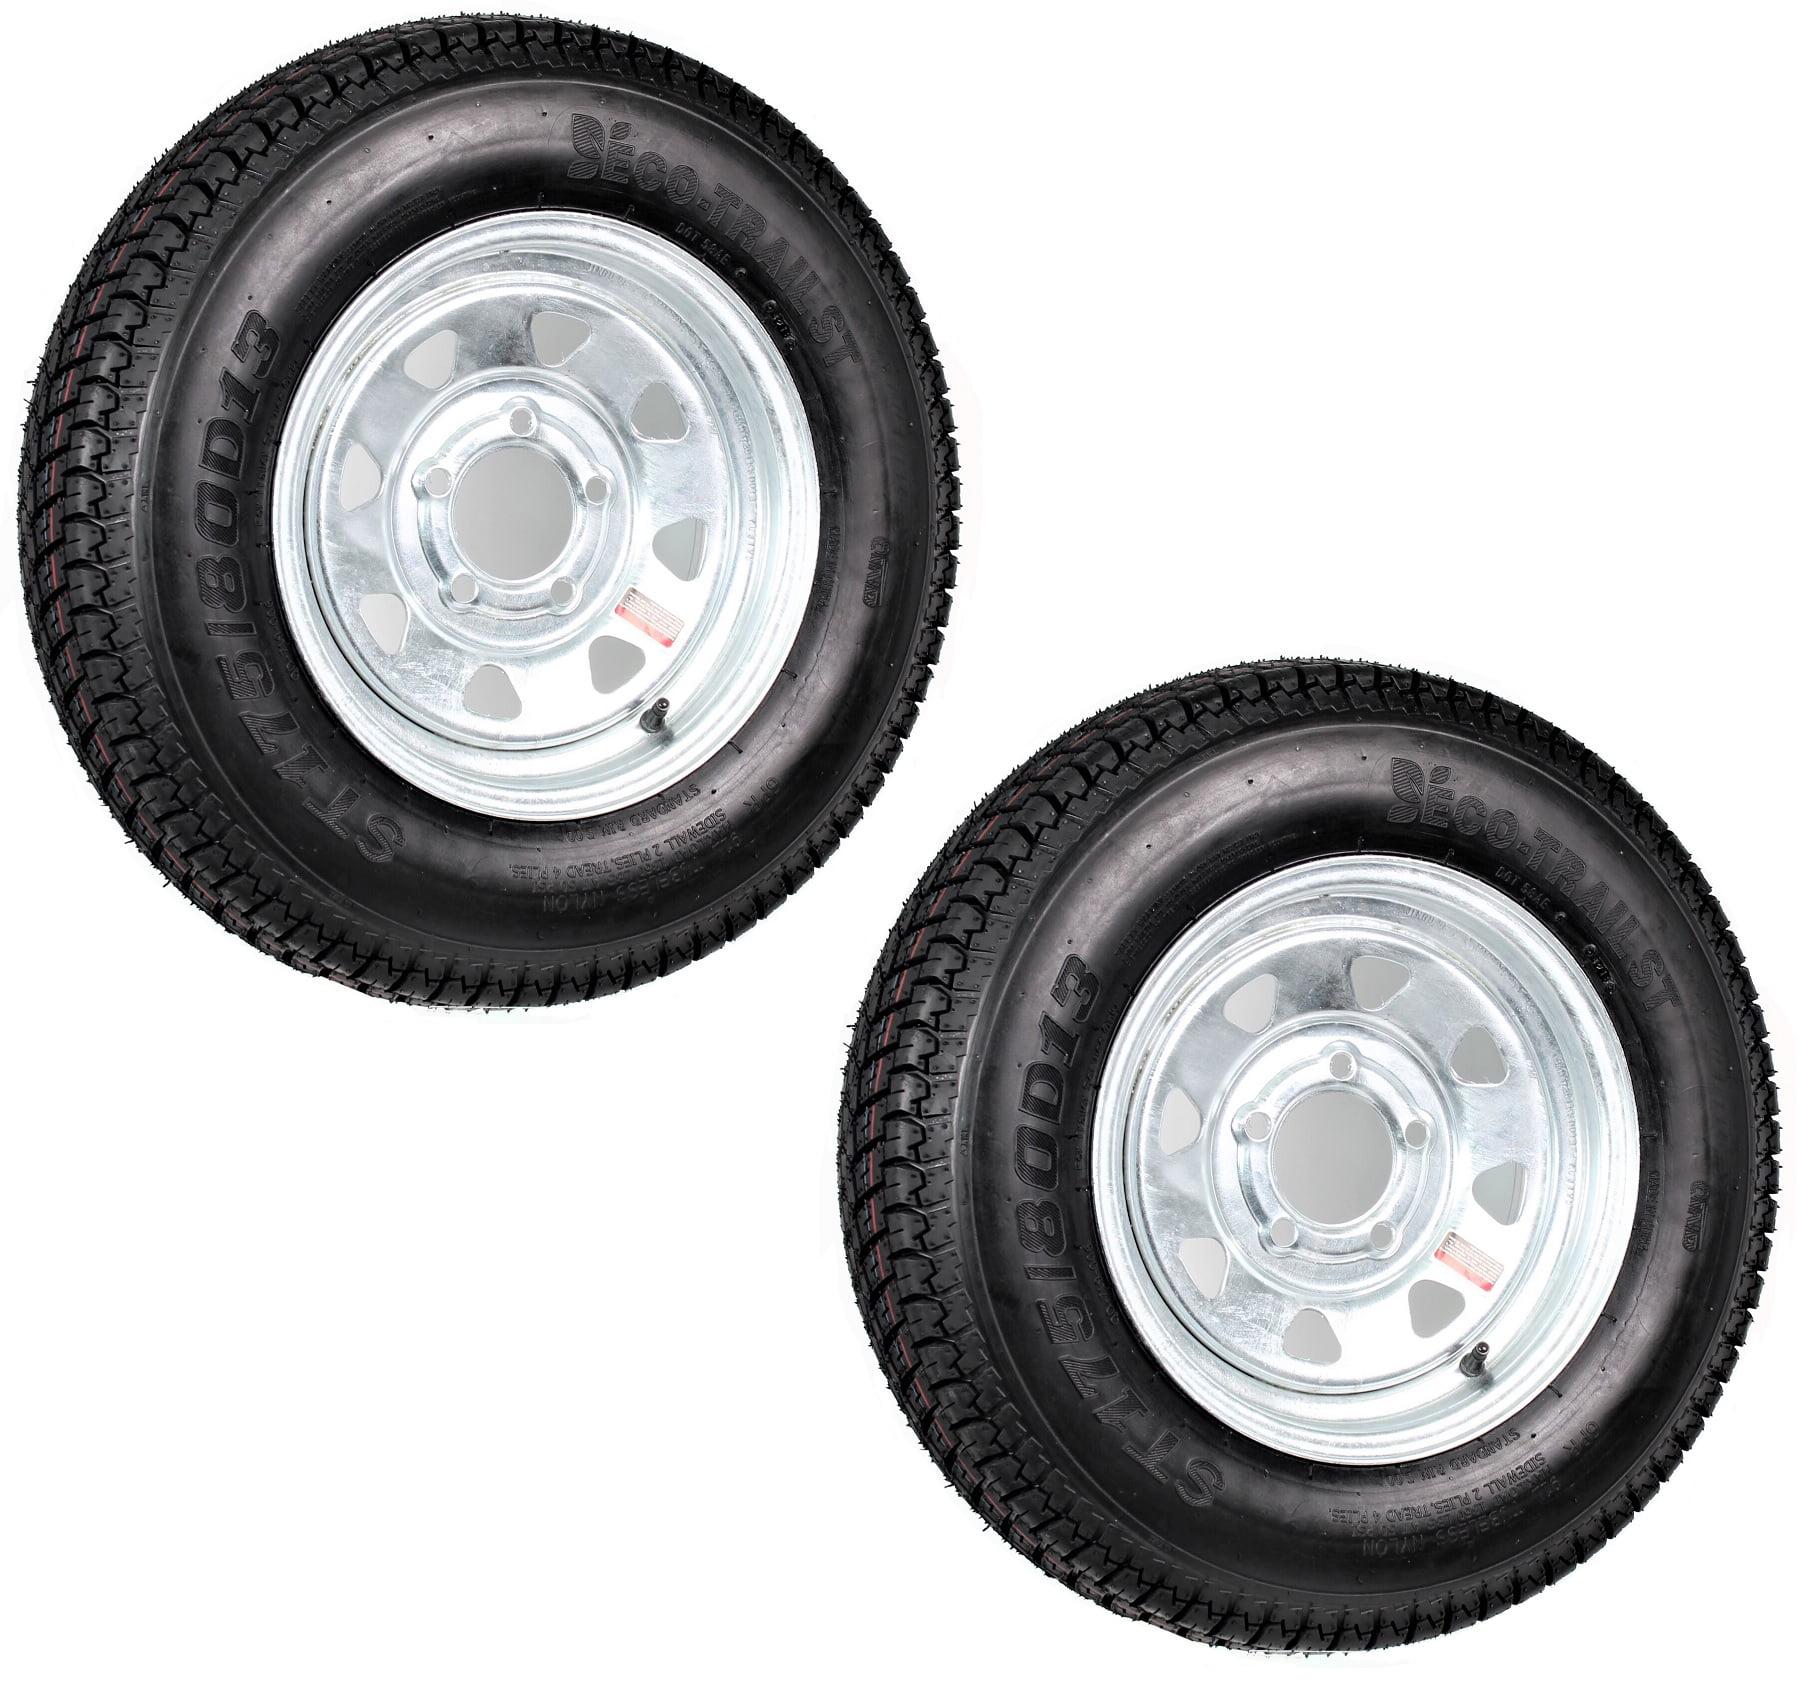 Rainier ST175//80R13 LRD Radial Trailer Tire /& Wheel White Mod 5-4.5